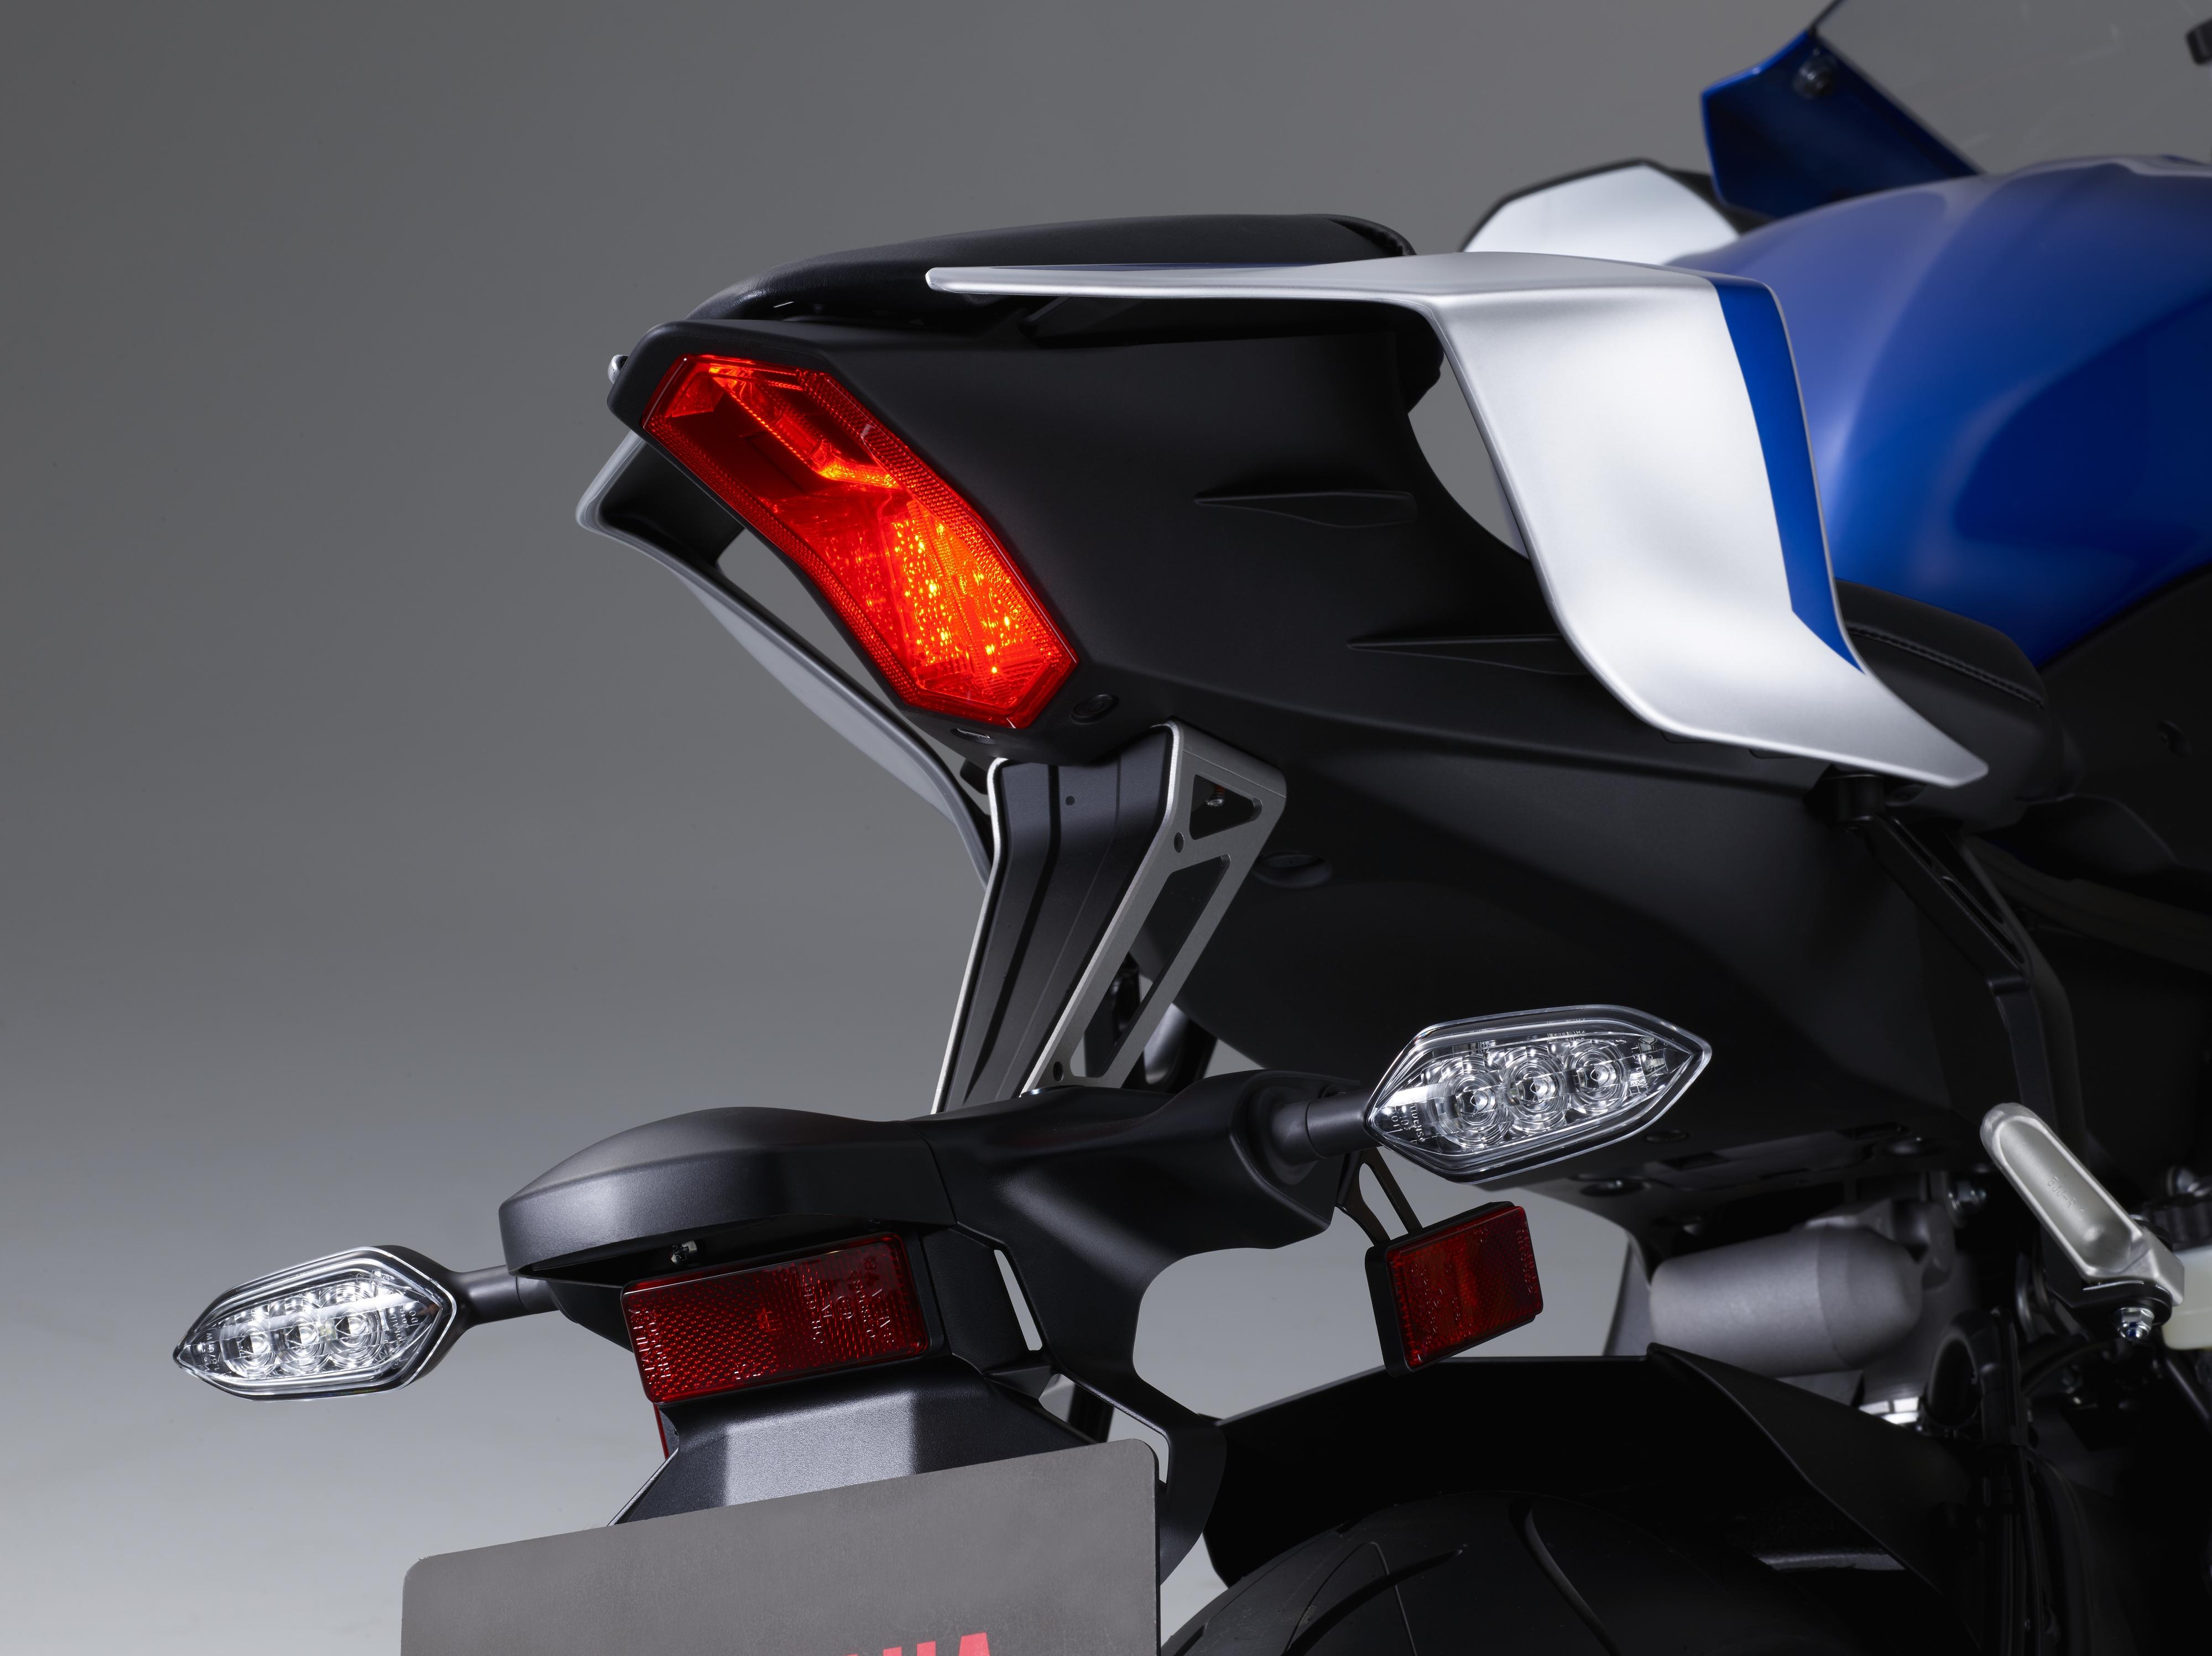 New Yamaha R6 Revealed